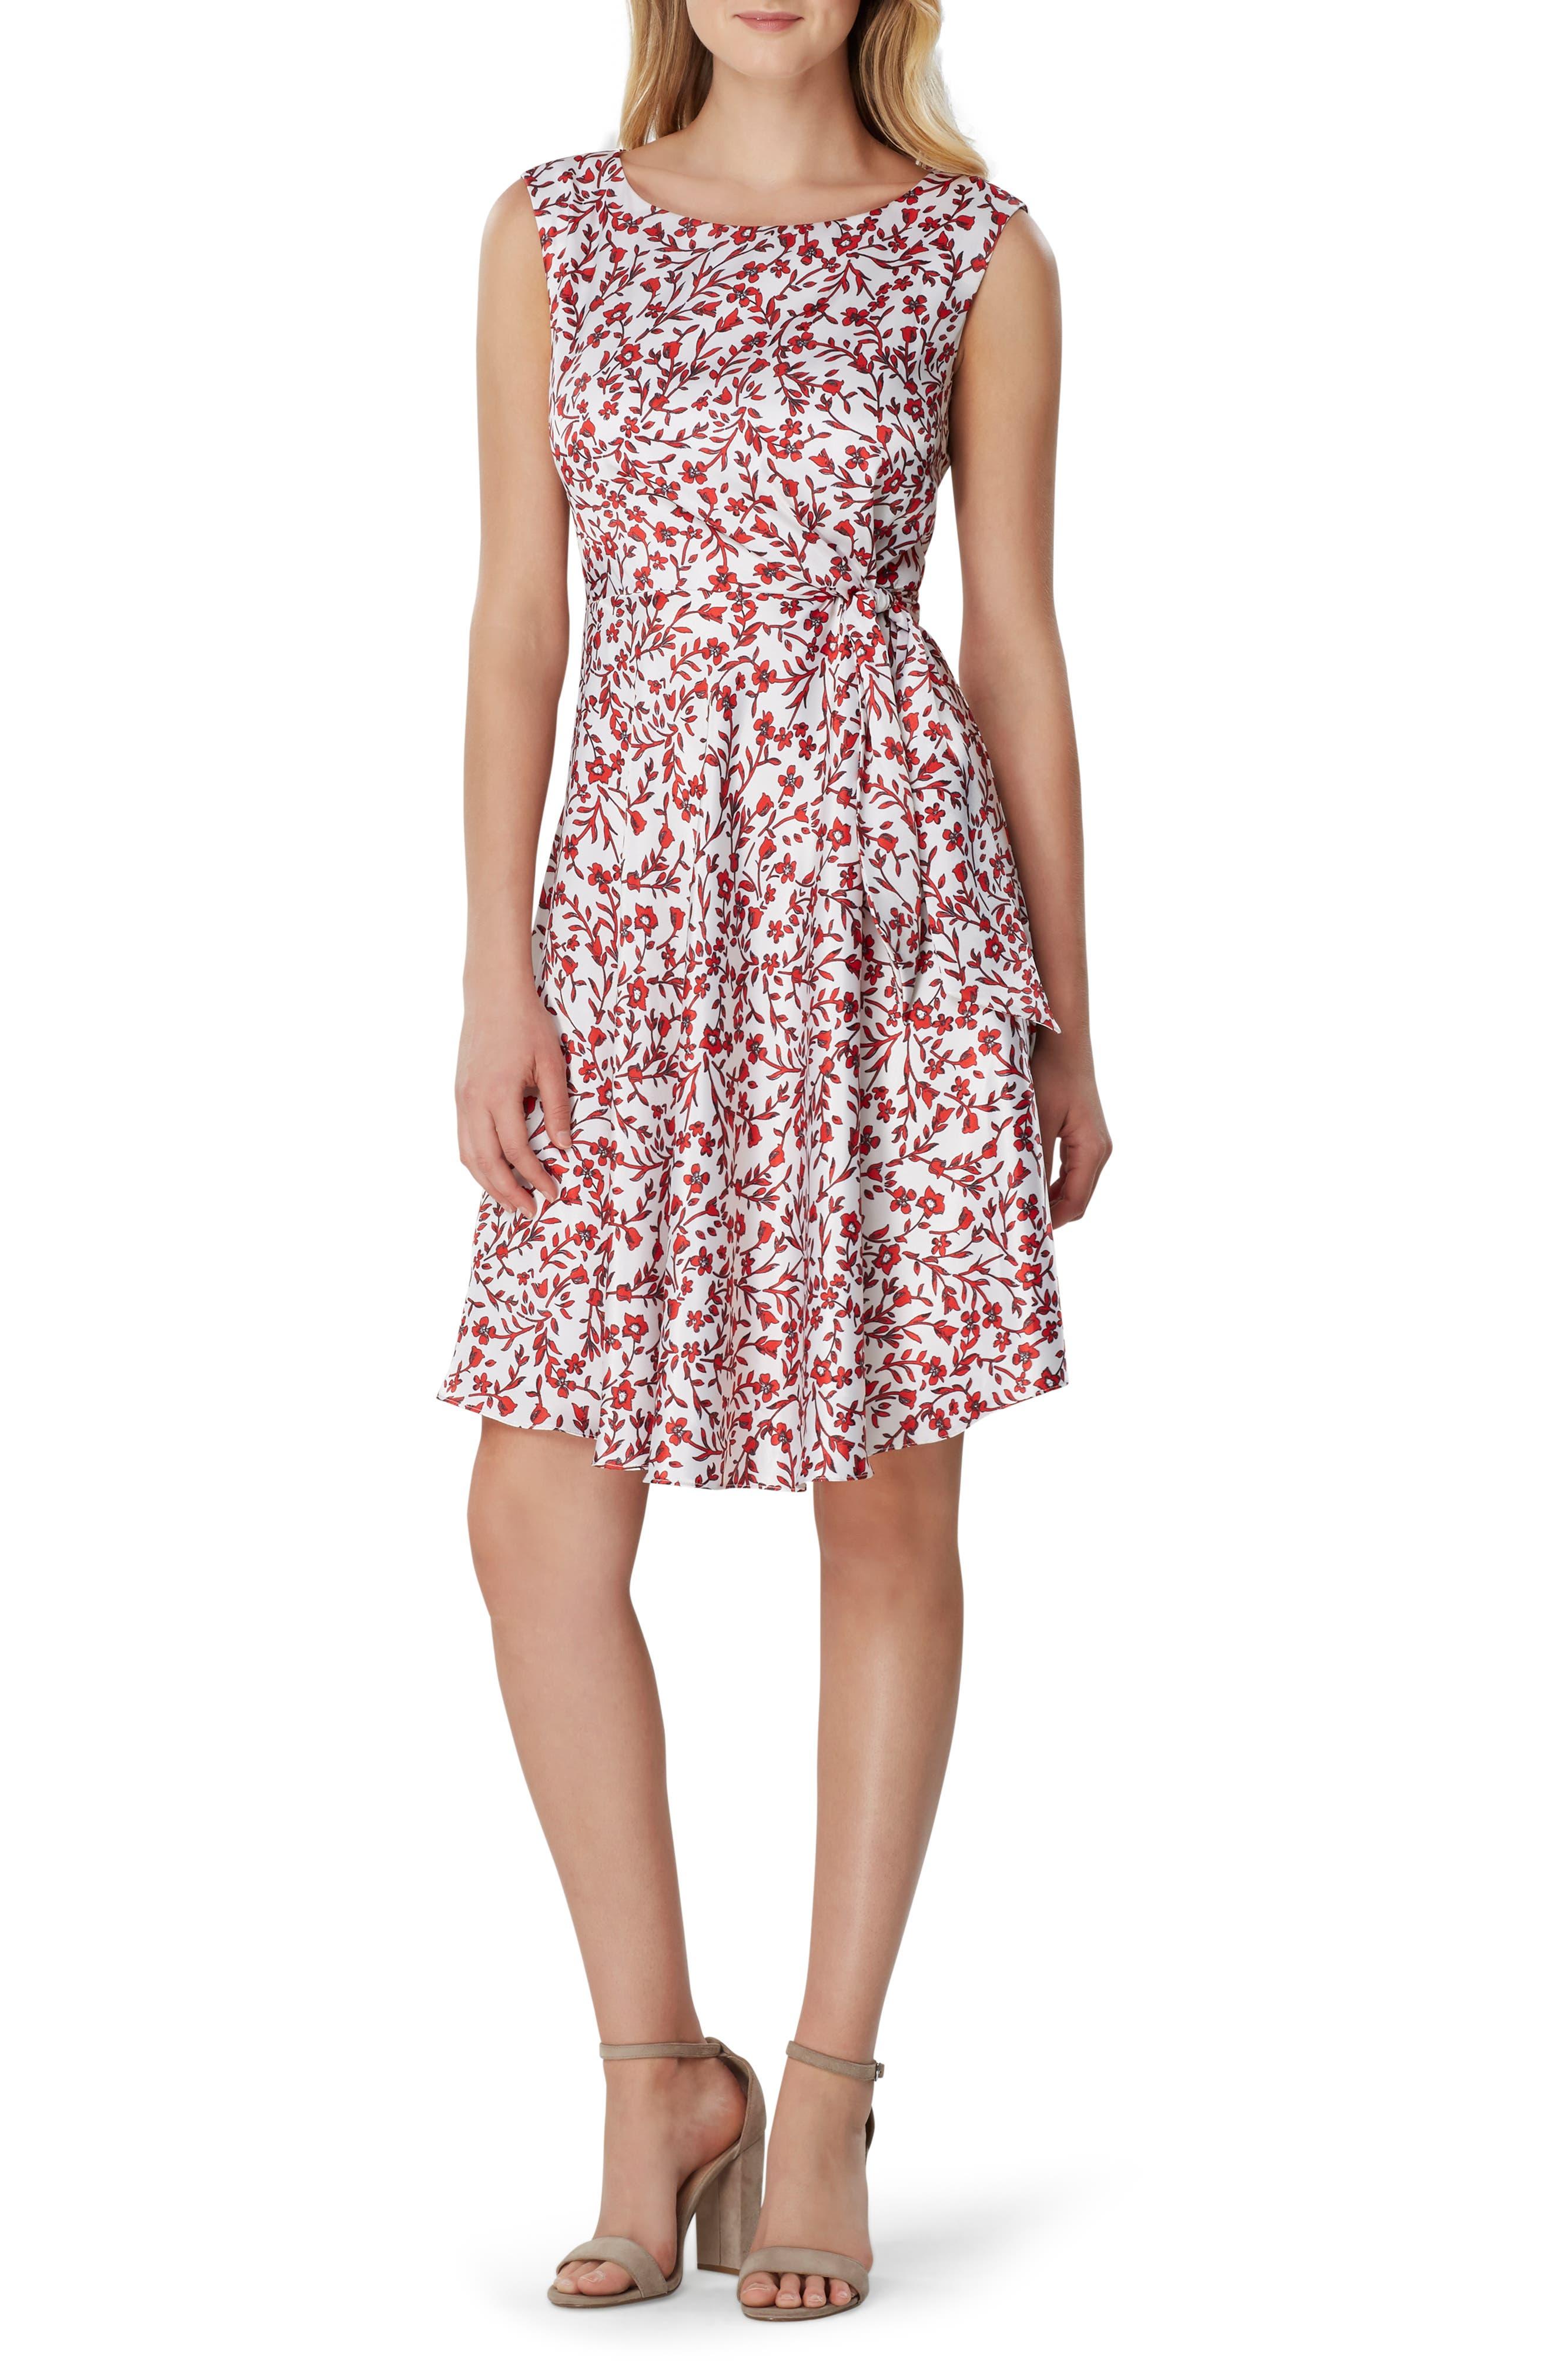 Tahari Floral Print Fit & Flare Dress, Ivory